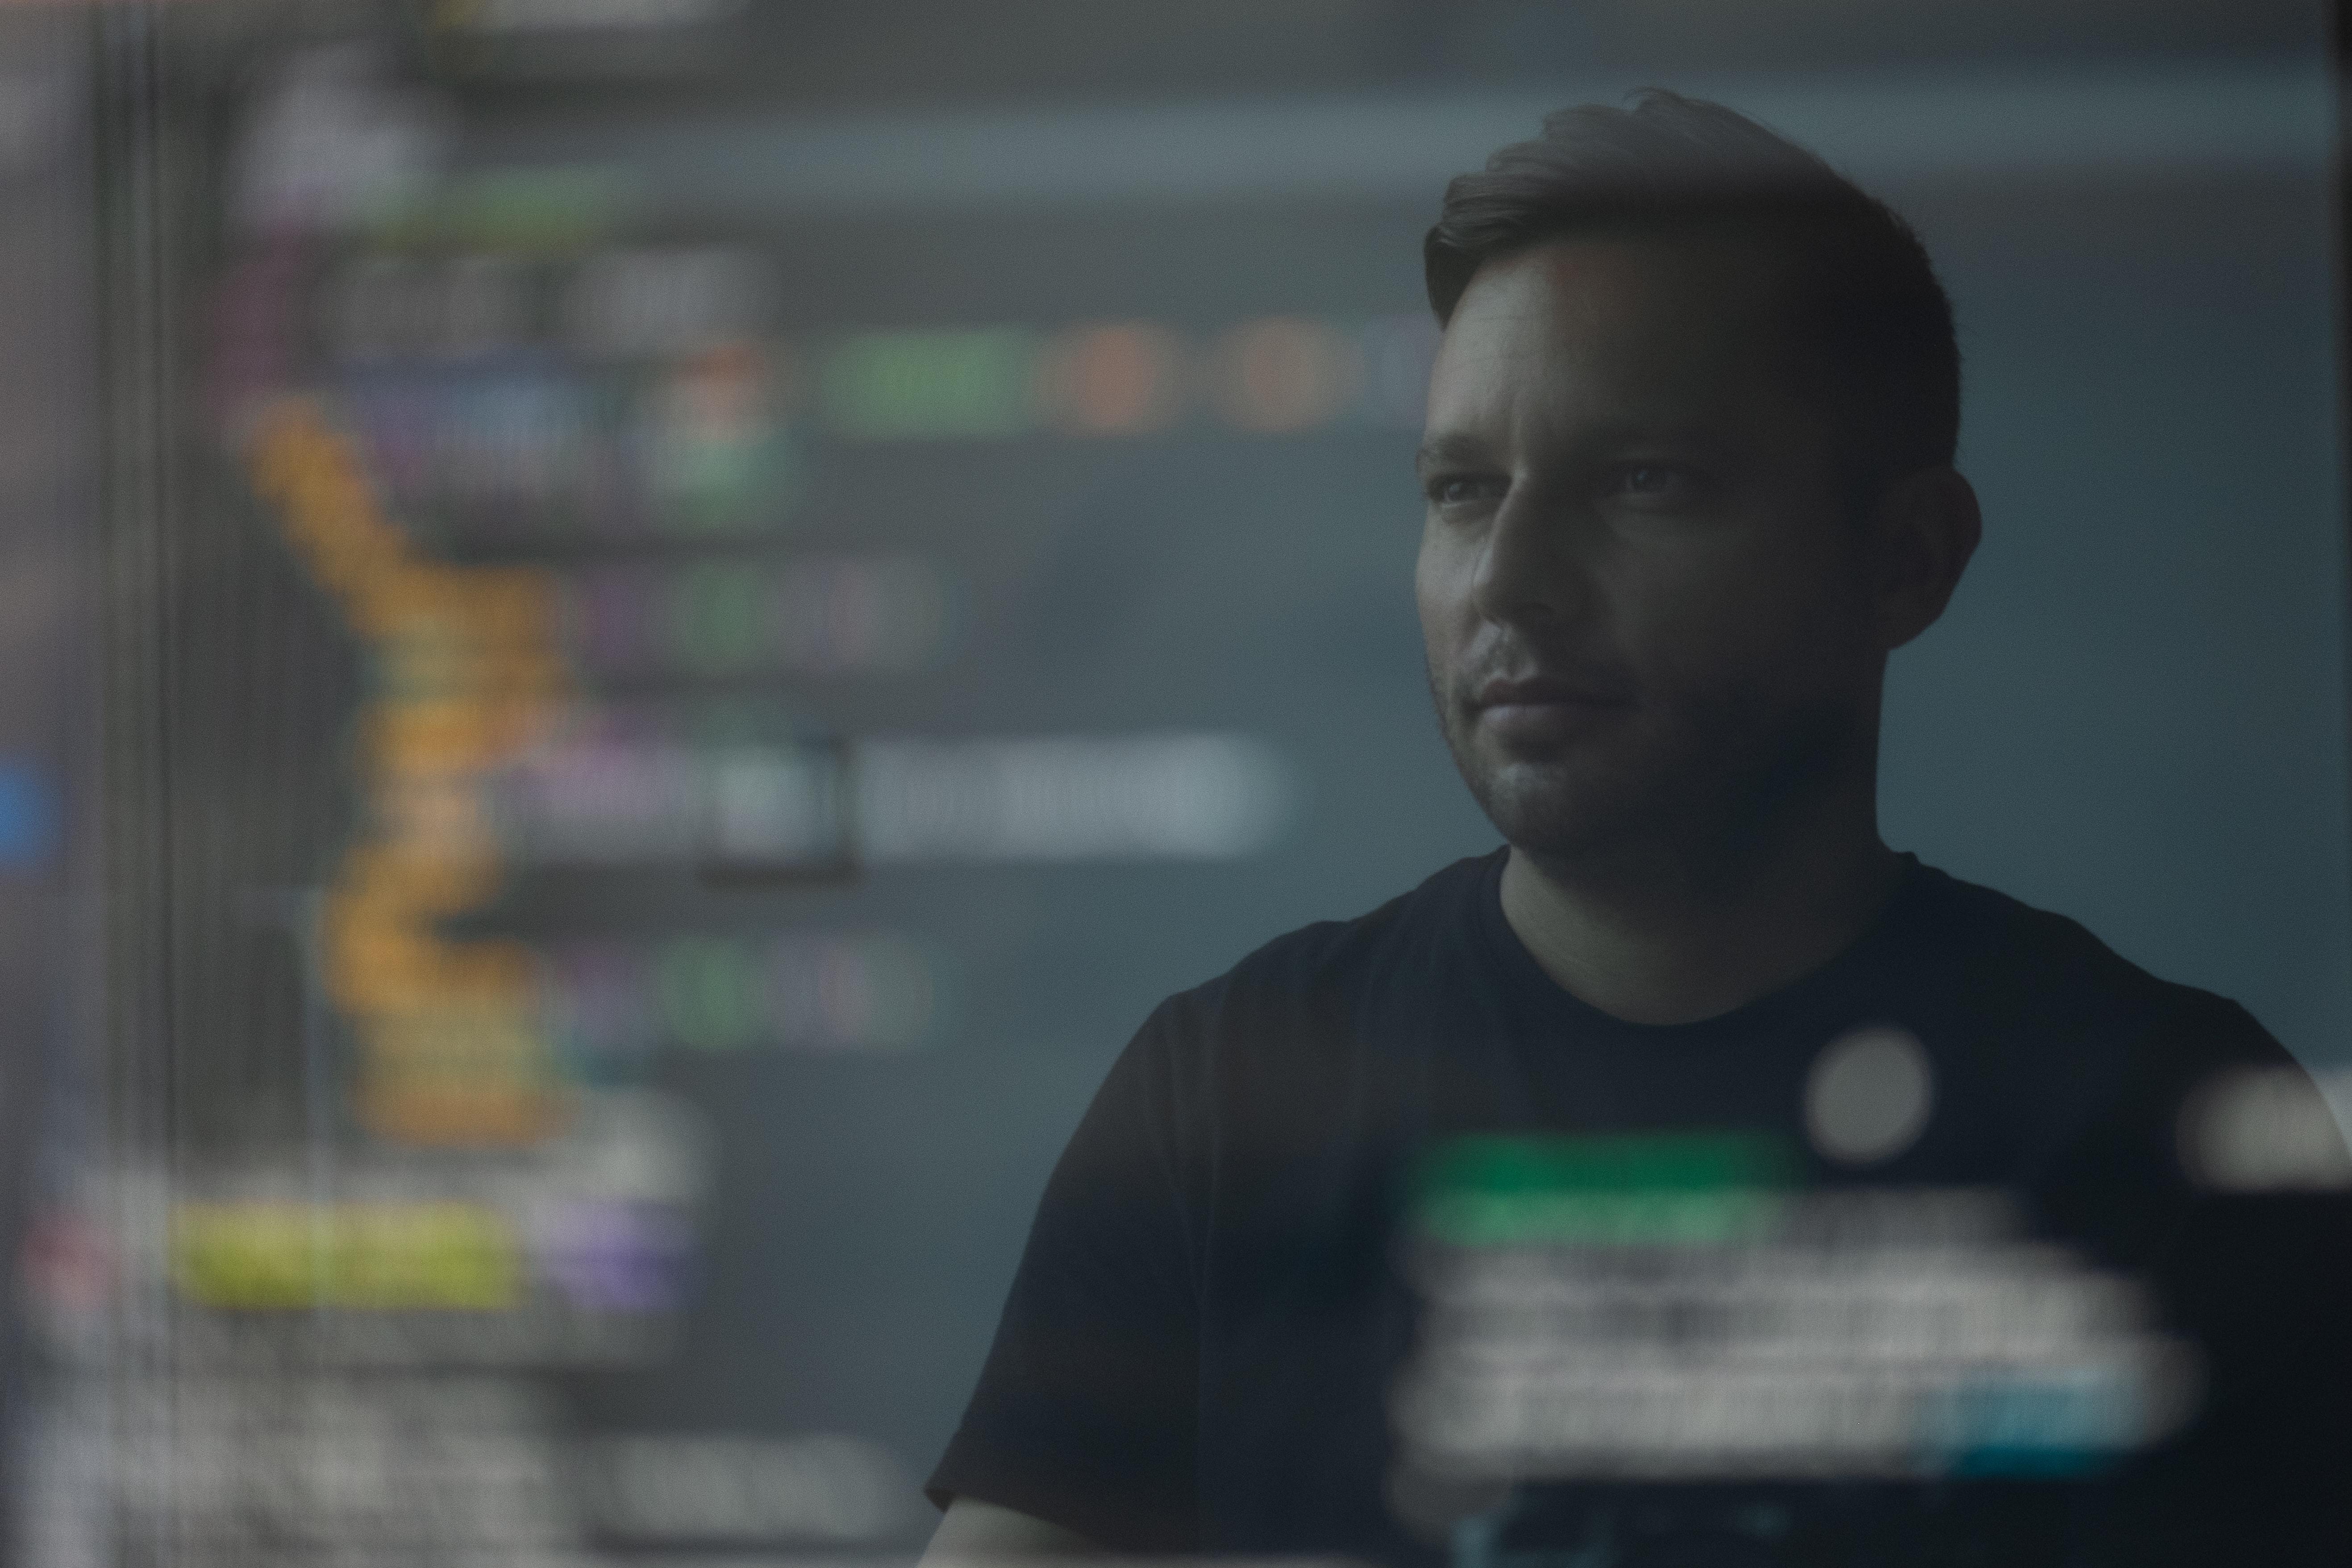 developpeur python développeur web full-stack développeur web freelance developpeur freelance